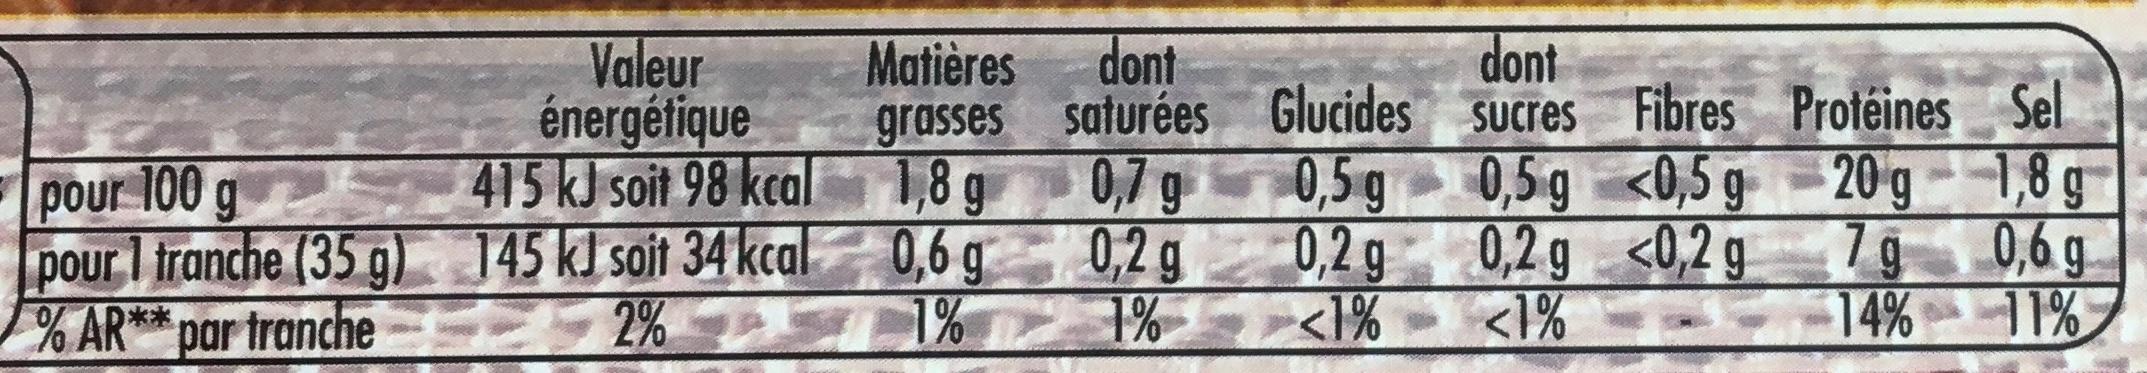 Le Bon Paris Plaisir & Légèreté (Moins de 2% de MG) - Voedingswaarden - fr